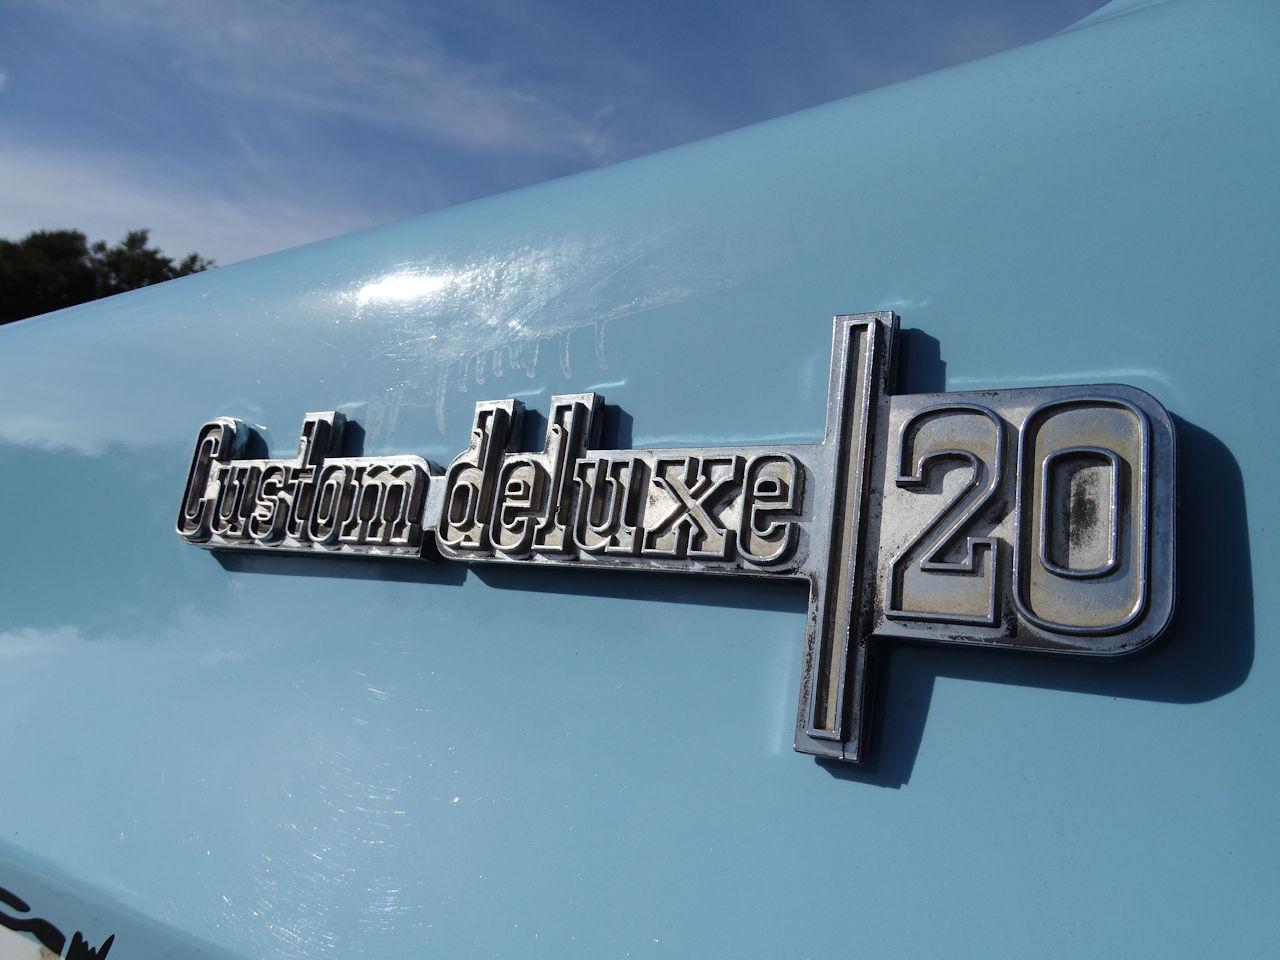 1974 Chevrolet C20 16